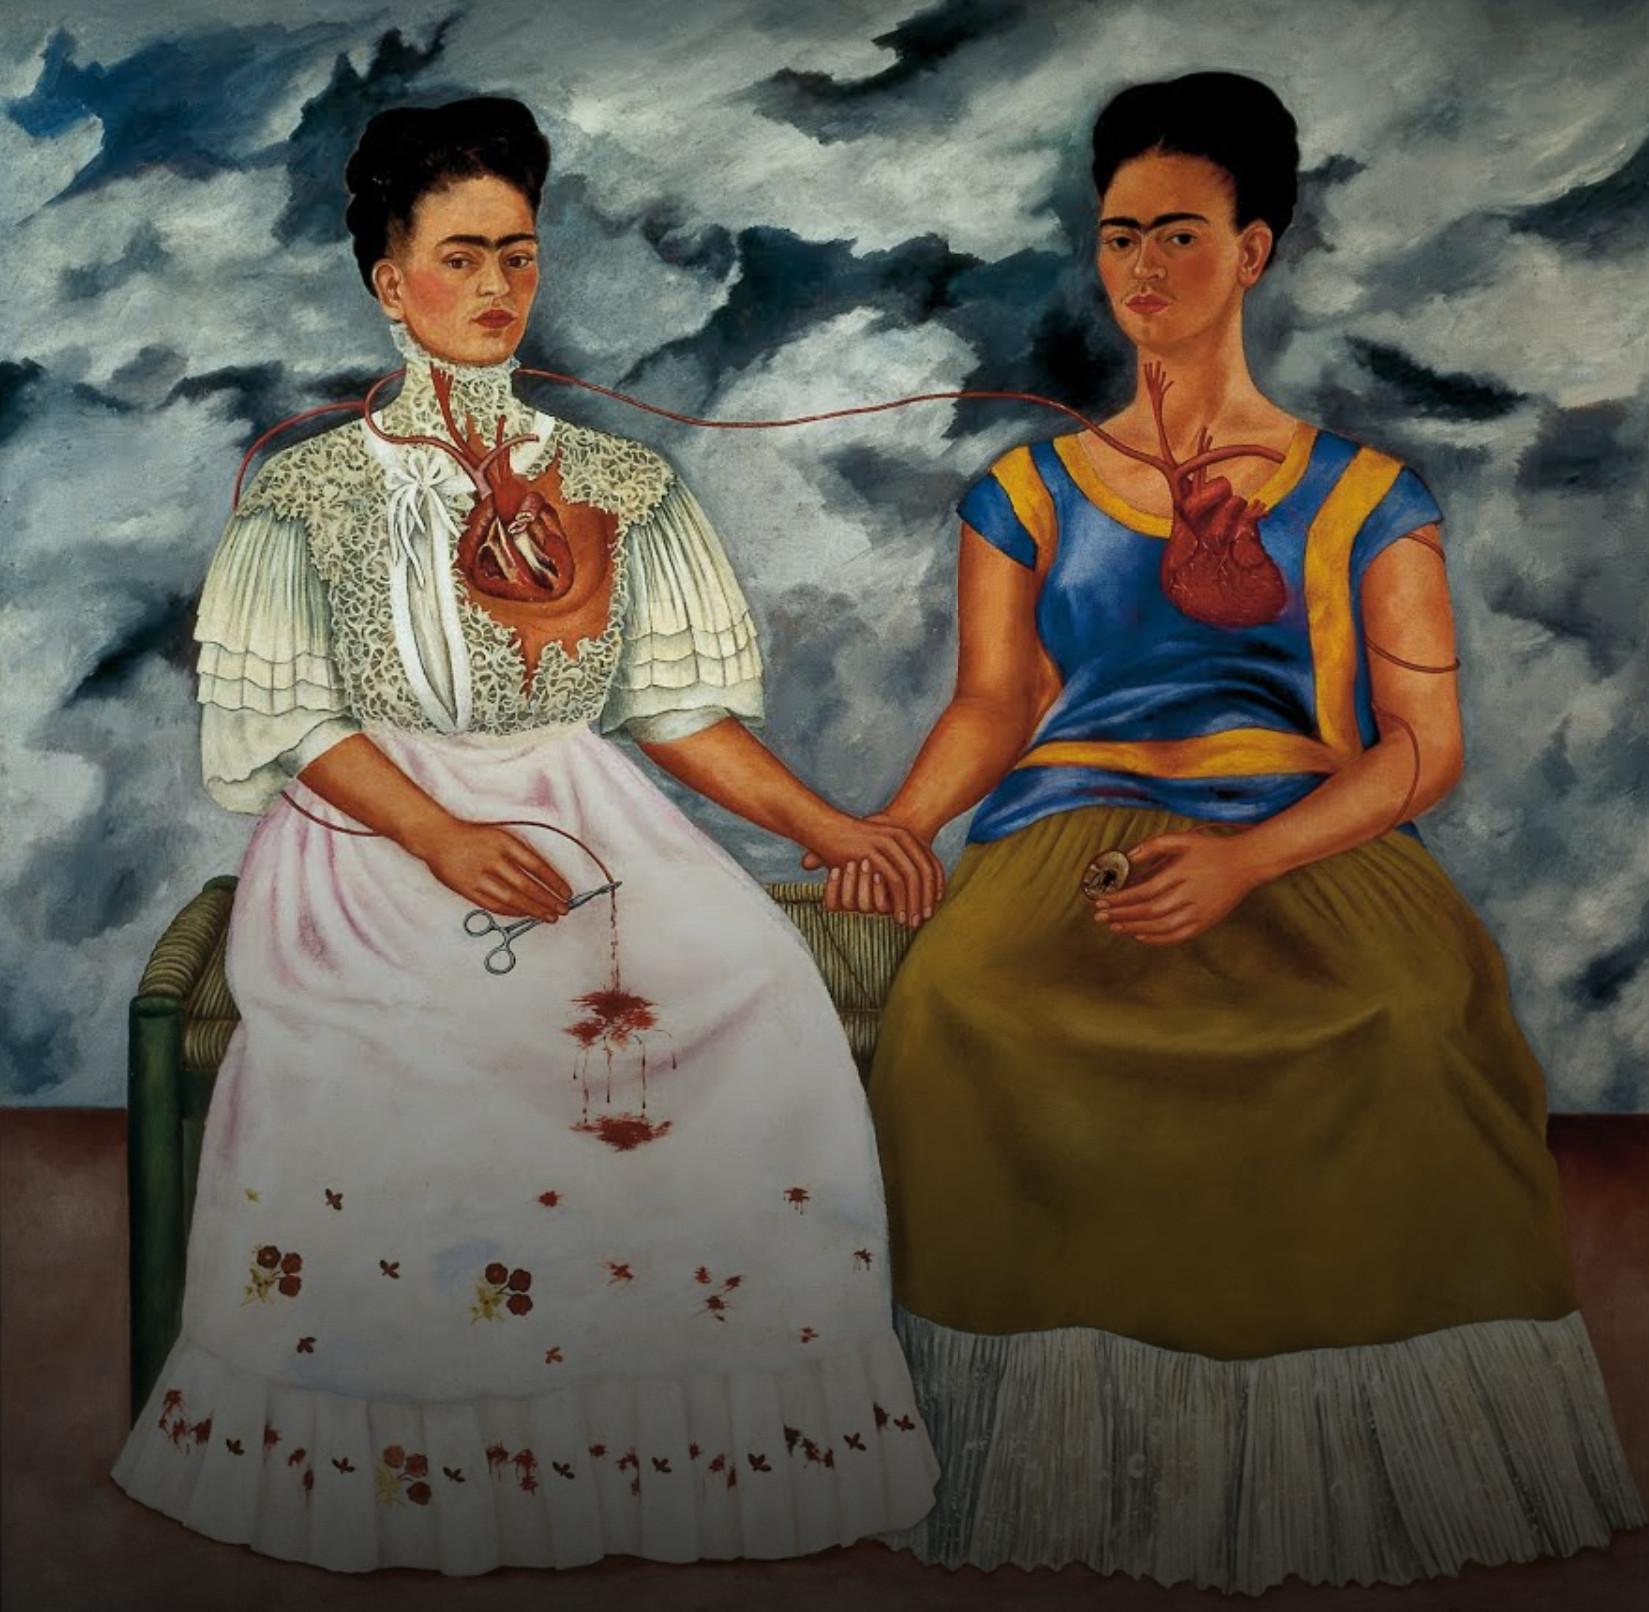 The Two Fridas, Frida Kahlo,1939